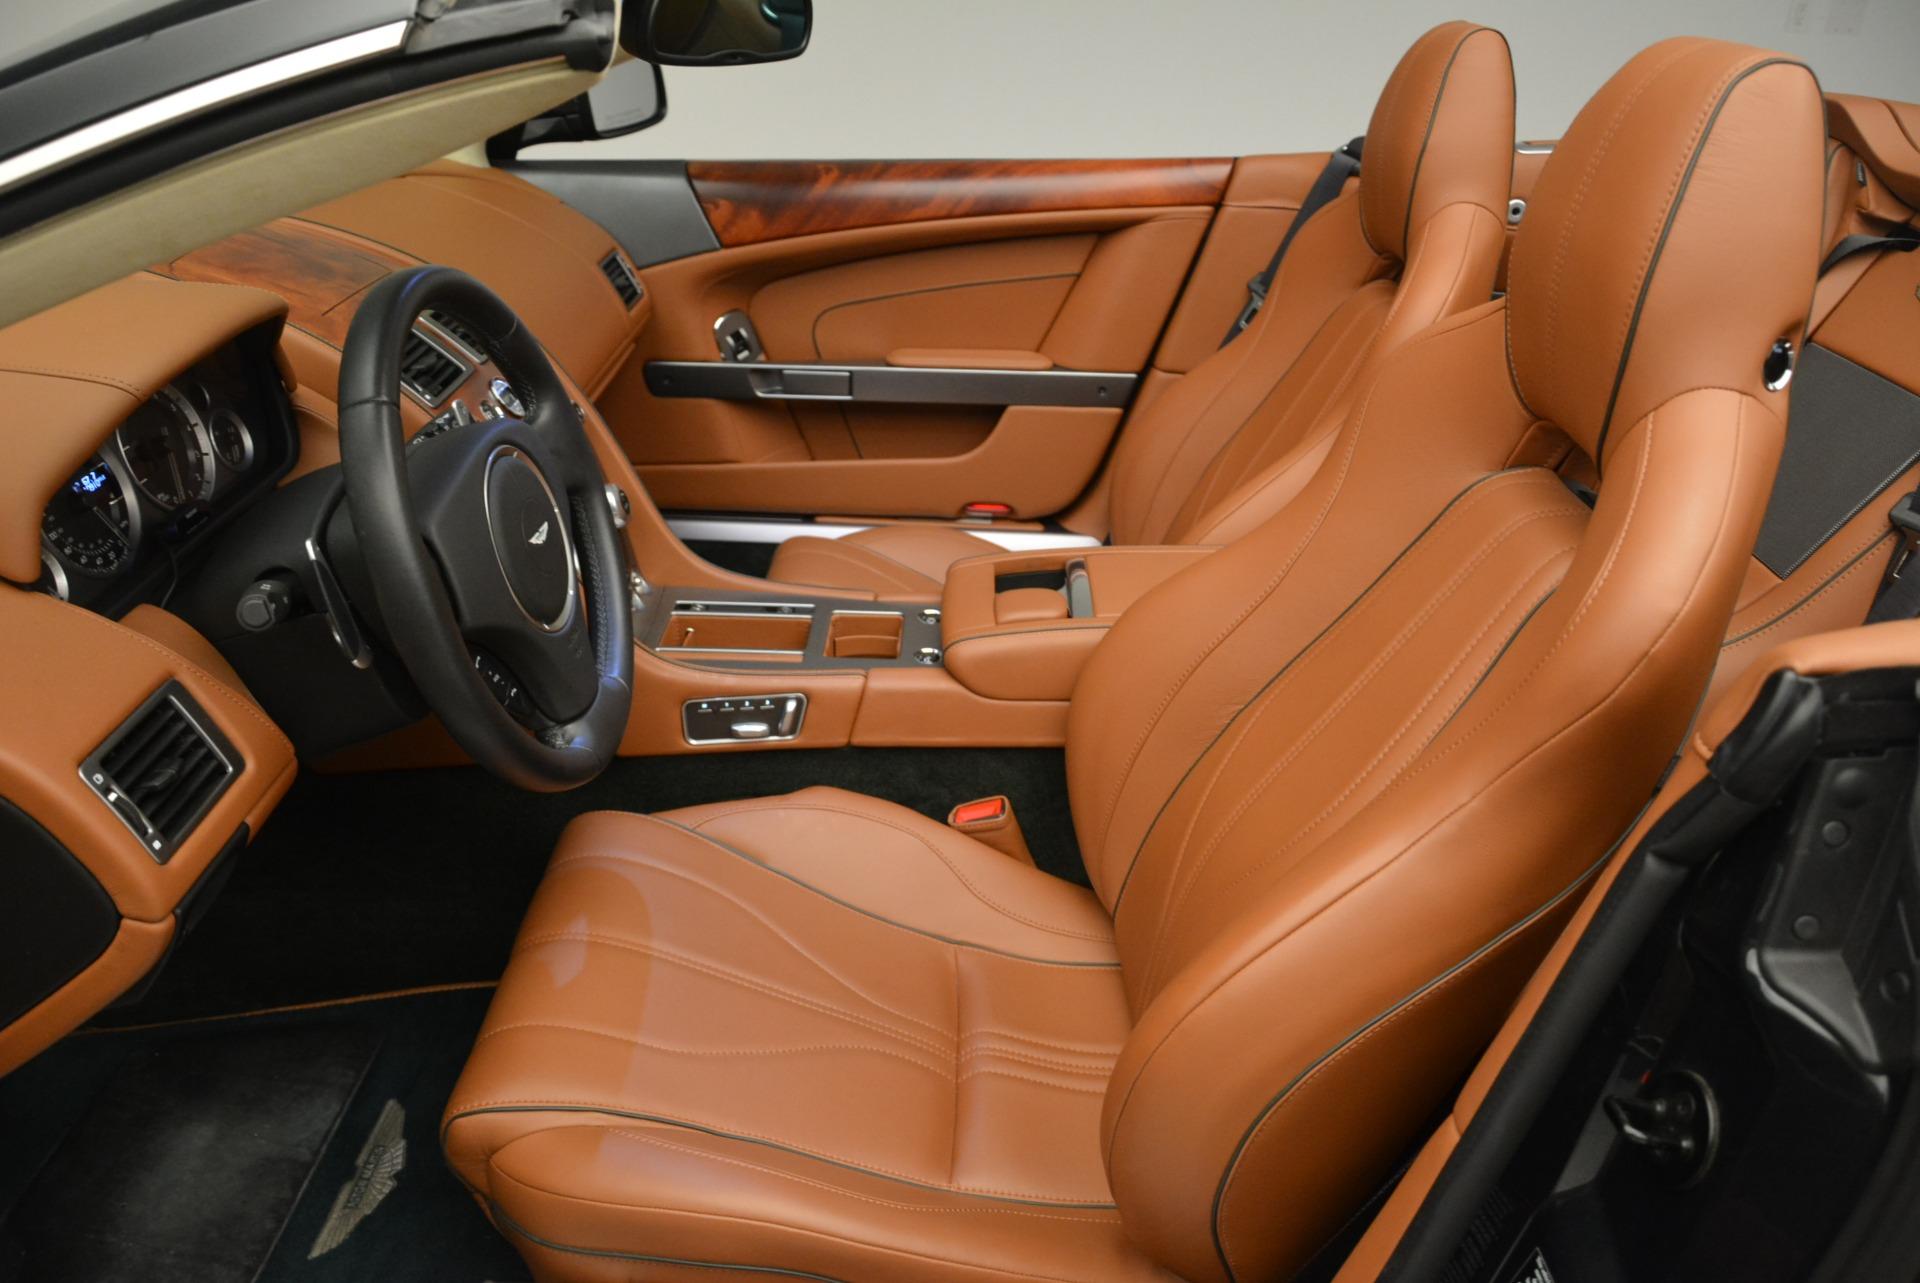 Used 2012 Aston Martin Virage Volante For Sale In Greenwich, CT. Alfa Romeo of Greenwich, 7641 2508_p19